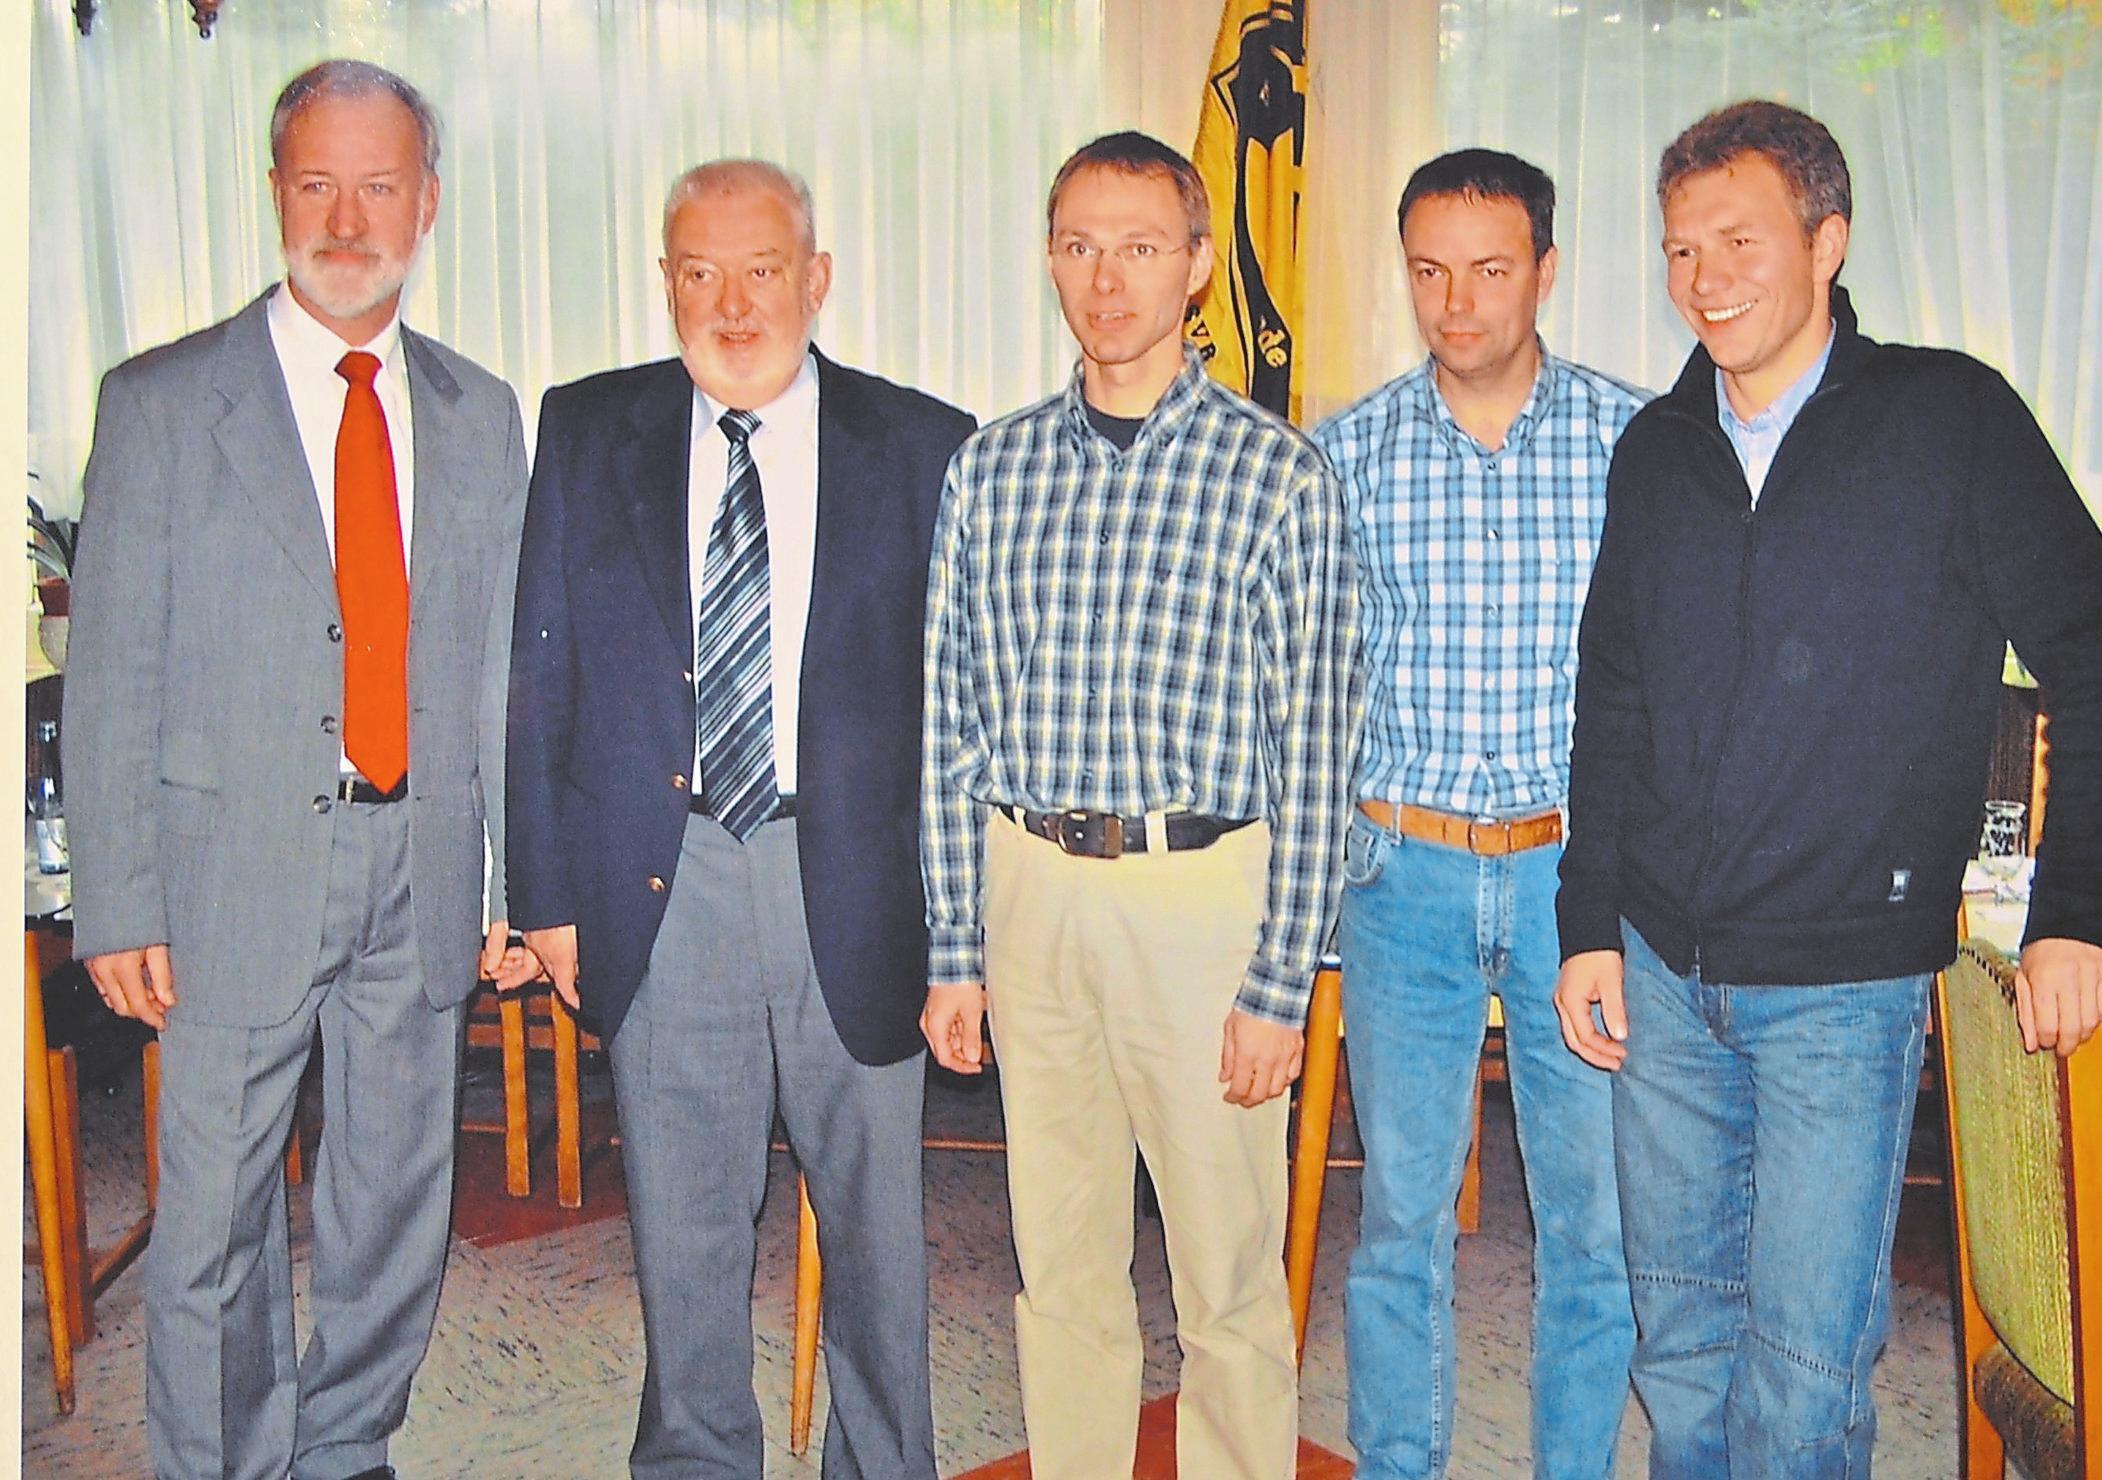 2005 übernahm Udo Nees (M.) den Vereinsvorsitz von Horst Buchterkirche (2.v.l.). Mit im Bild außerdem Herbert Löchter, Andreas Weile und Ulrich Buxtrup (v.l.). Repros: Moritz